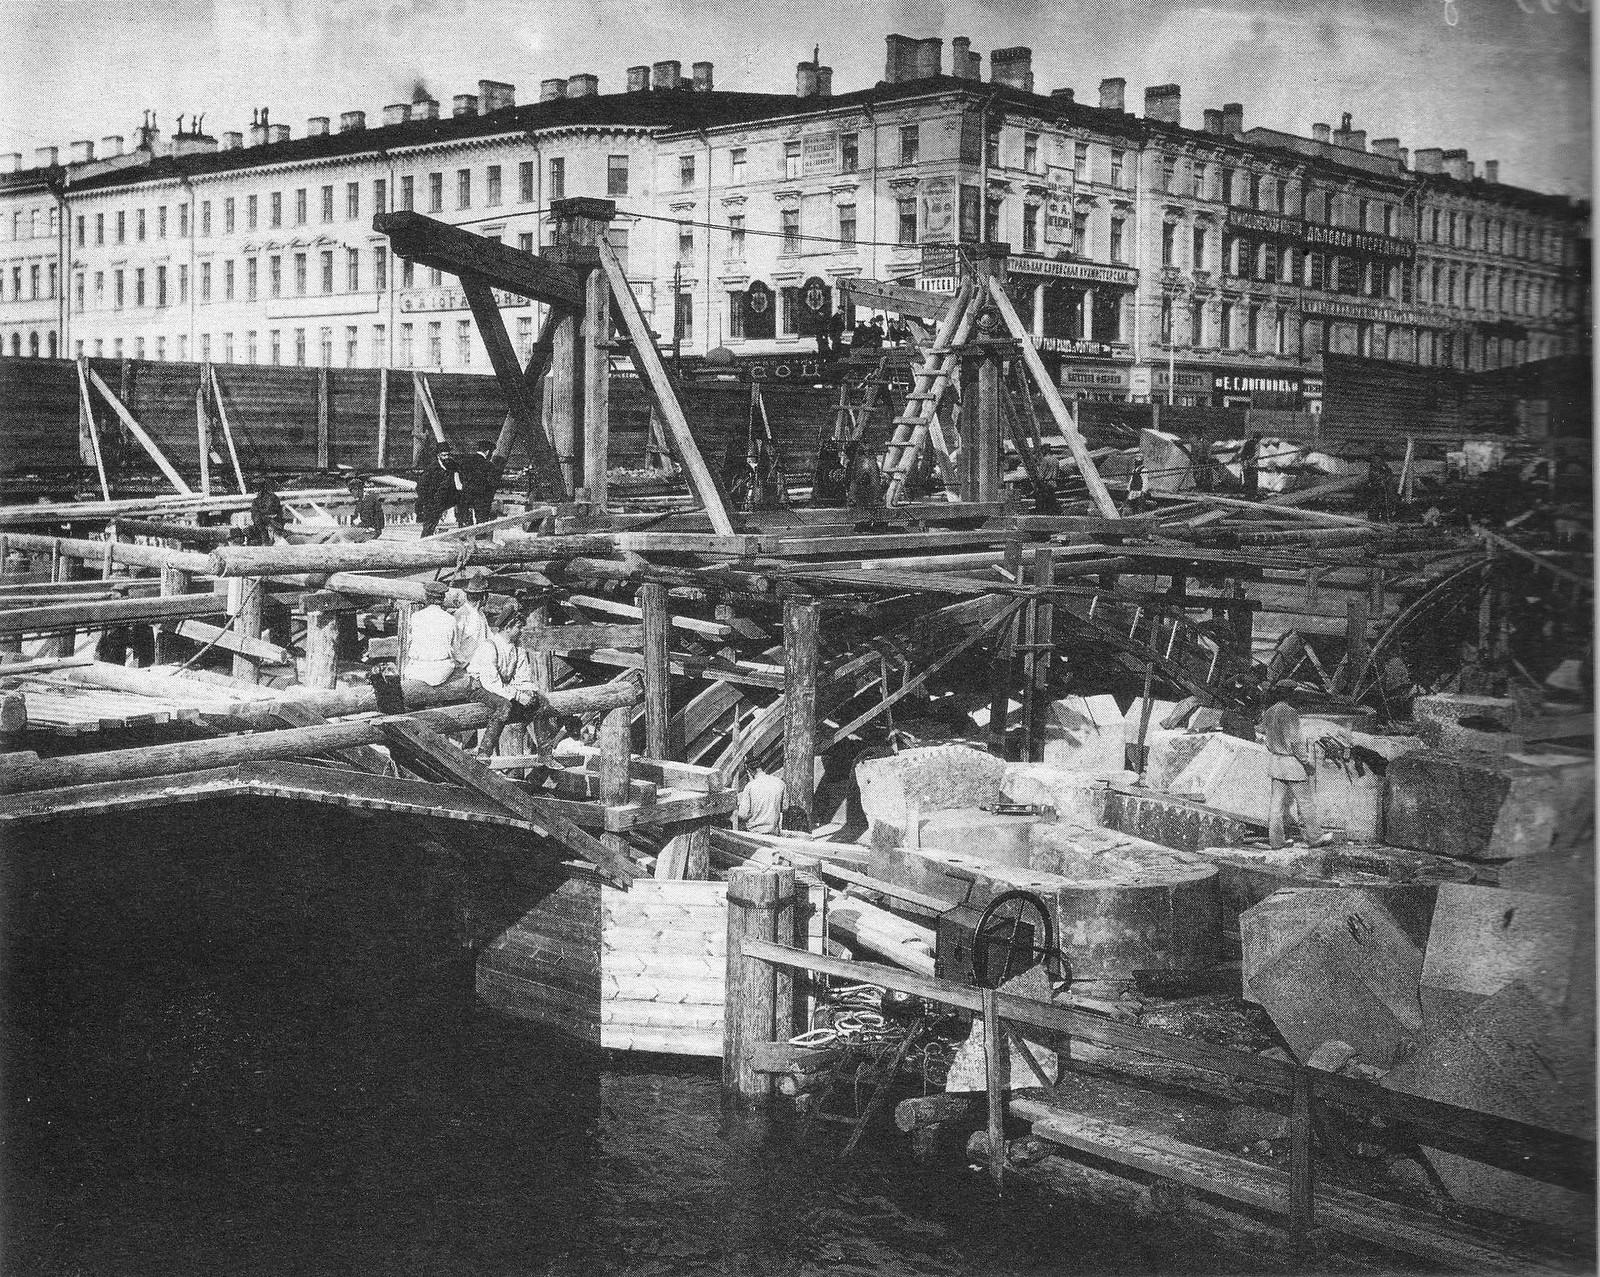 76. 1907. Перестройка Аничкова моста в связи с прокладкой трамвайных рельсов